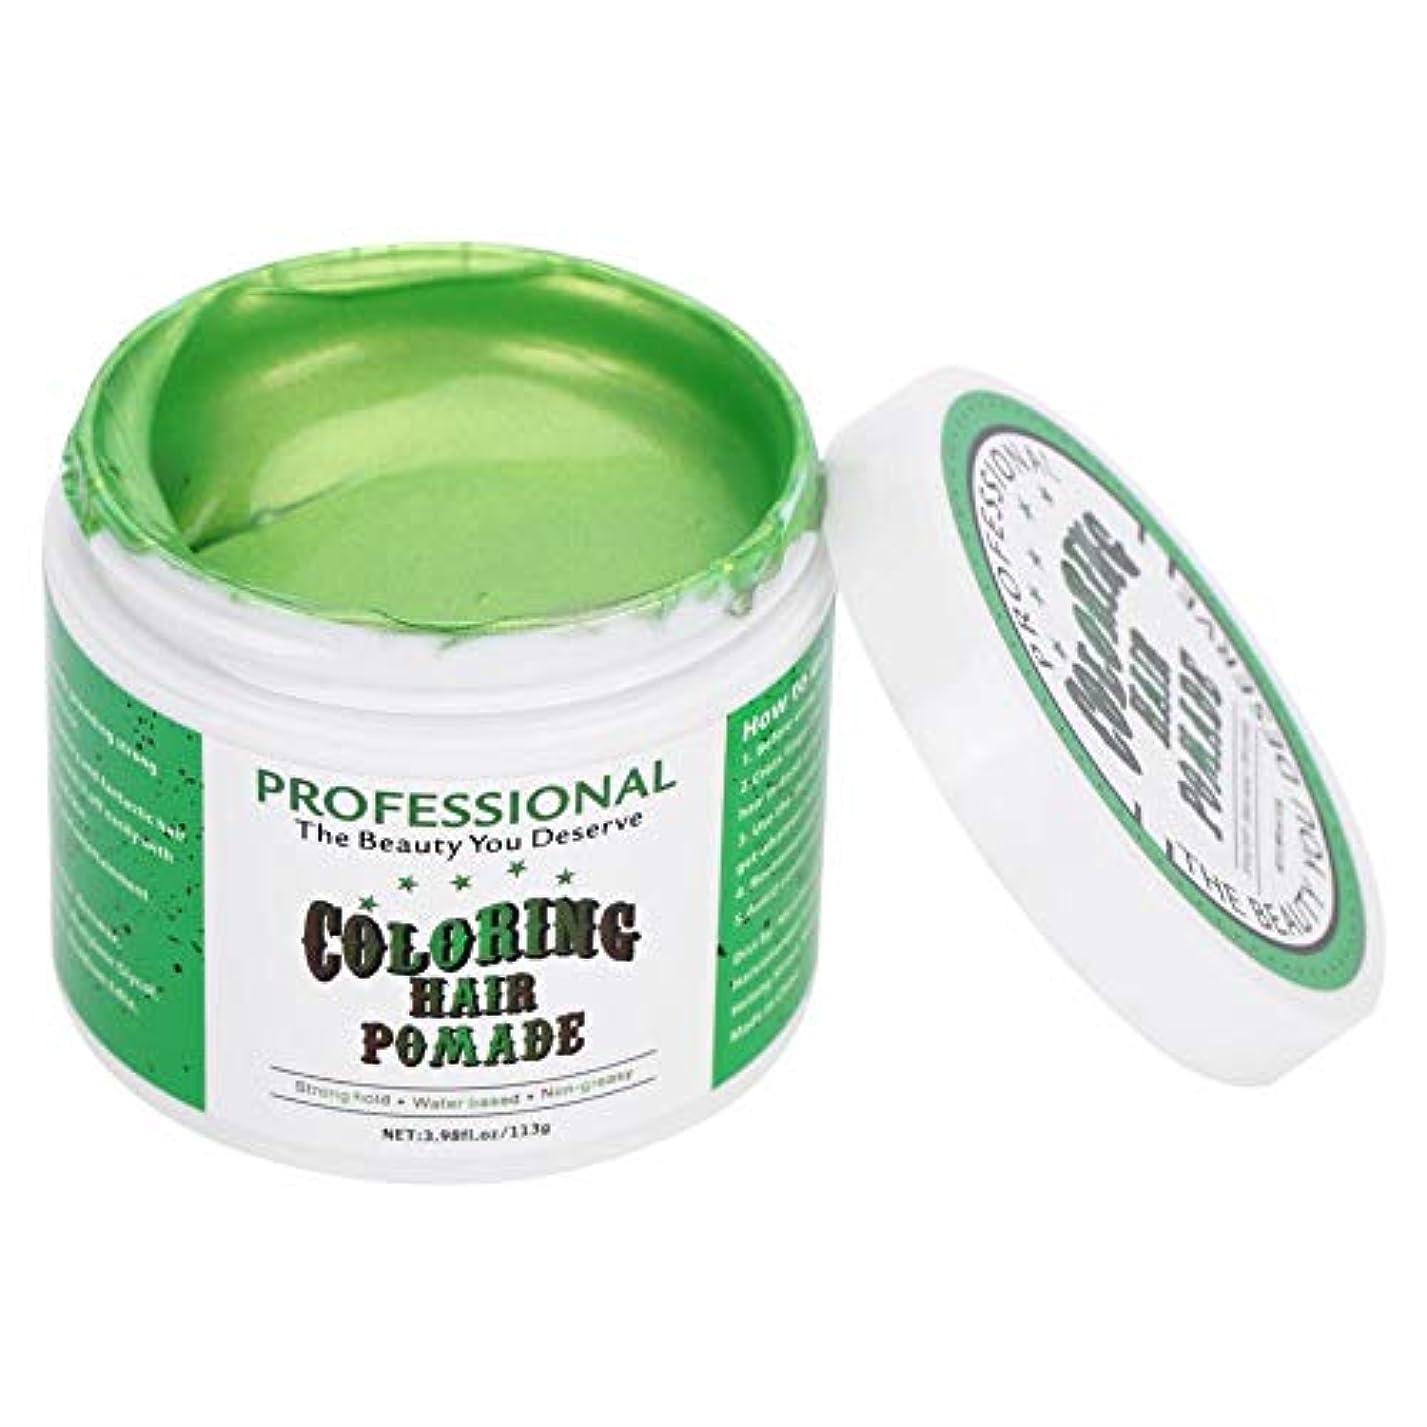 ヒューム復活するシャベル5色113グラム使い捨てカラーヘアポマードワックス、簡単着色スタイリングヘア染料安全で快適な着色ヘアスタイルモデリングワックス用染料ヘアカラー(#5)